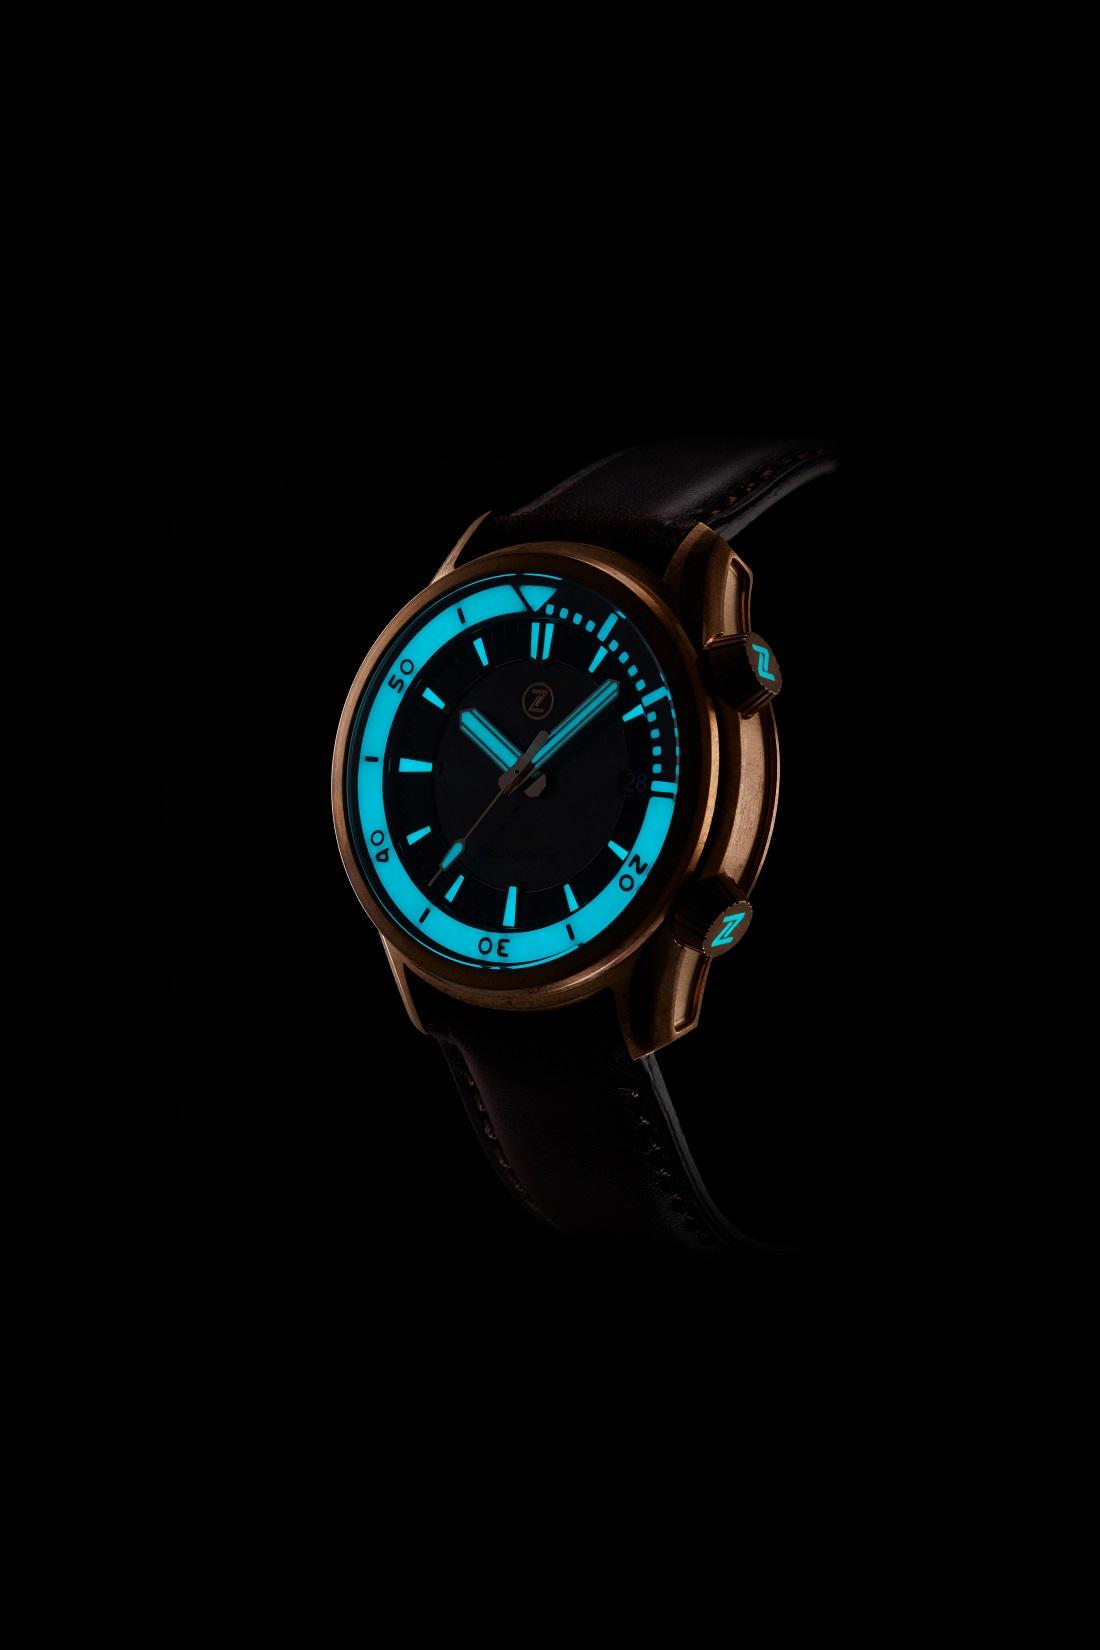 Zelos Helmsman 2 Dive Watch Watch Releases